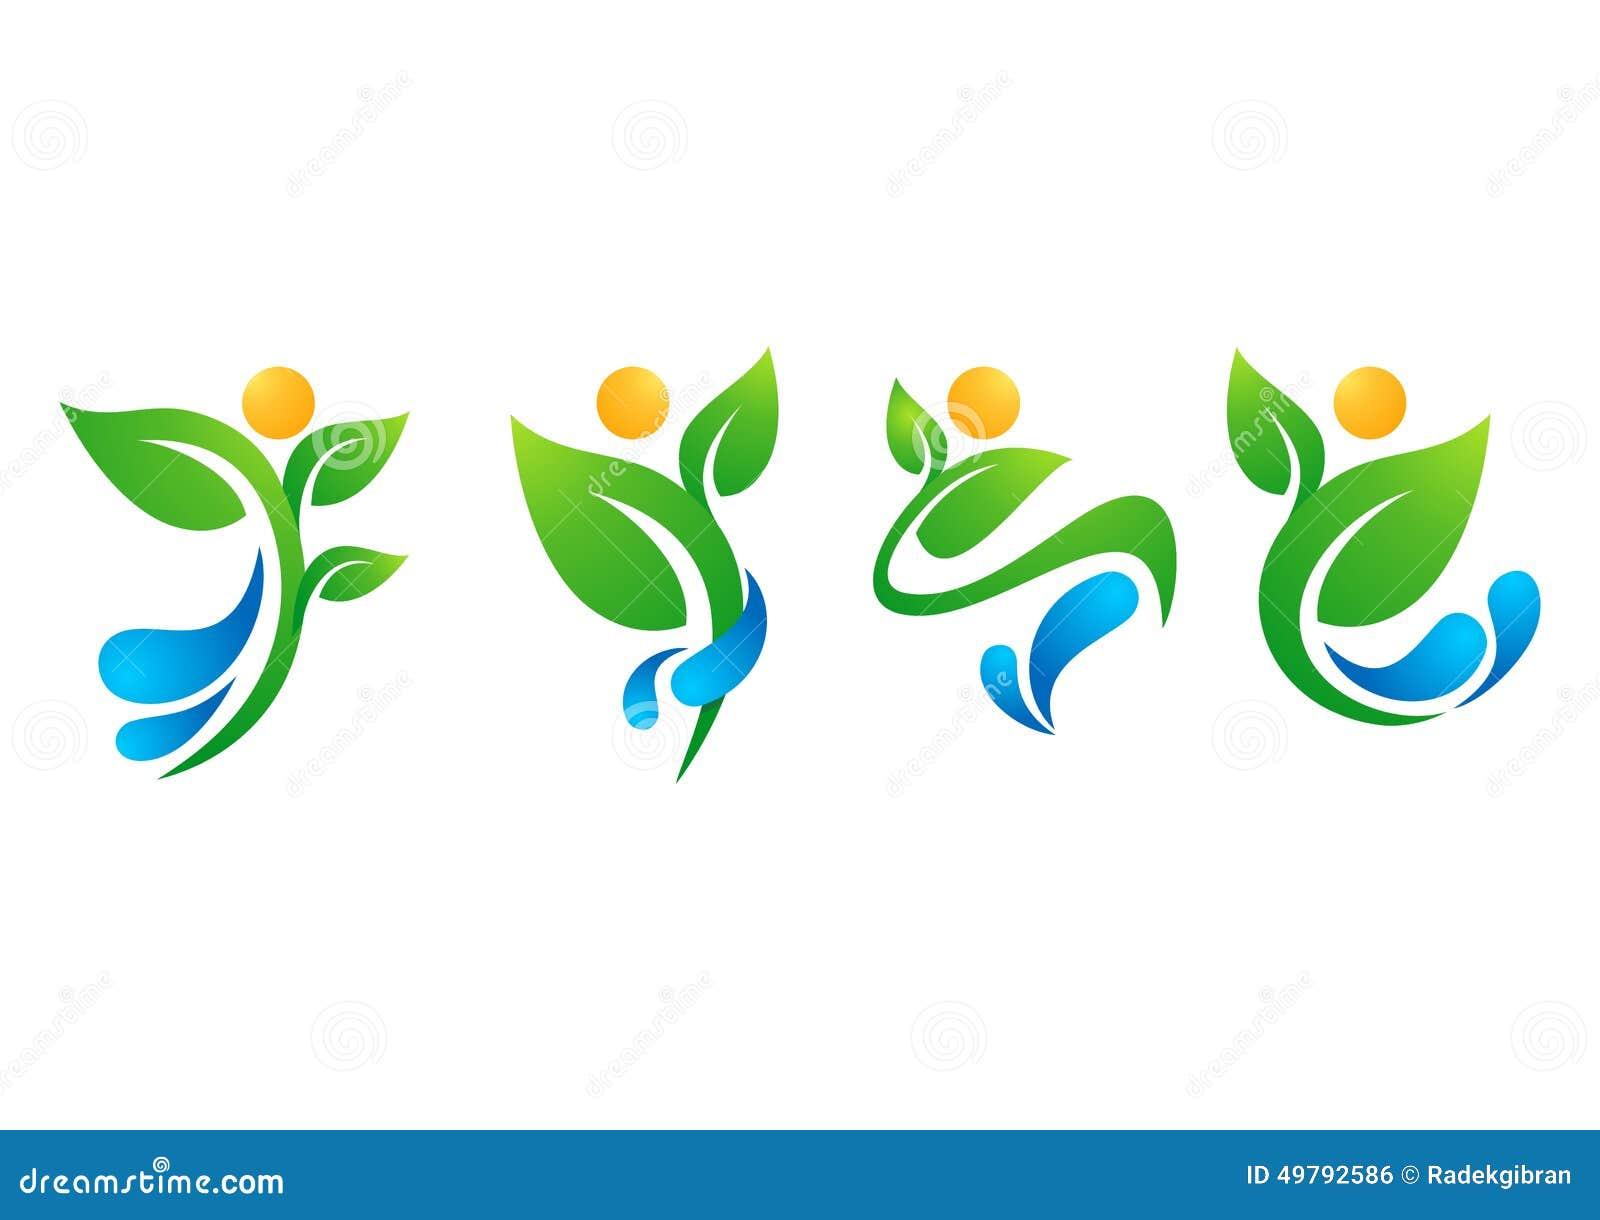 植物,人们,水,春天,自然,商标,健康,太阳,叶子,植物学,生态,标志象布景传染媒介